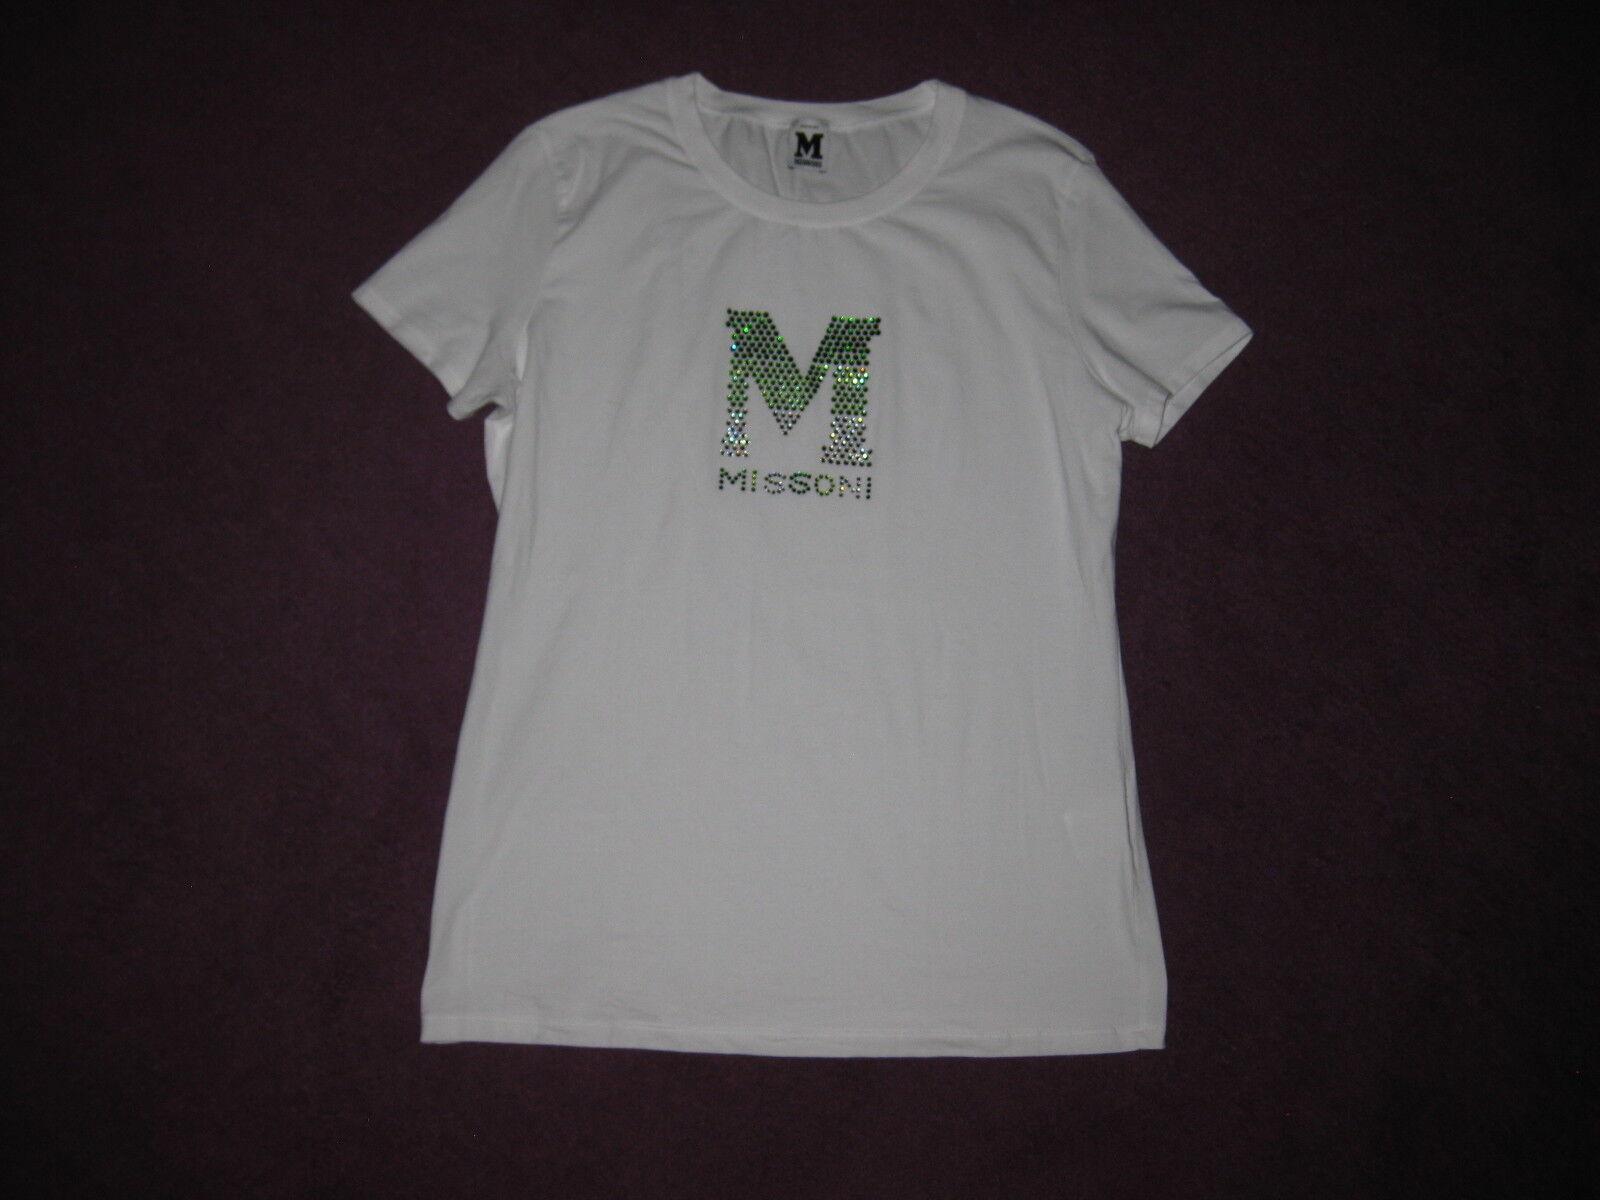 ❤️ Süßes T-Shirt weiß M MISSONI D 40 42  EDEL STRASS  NP Rar ❤️